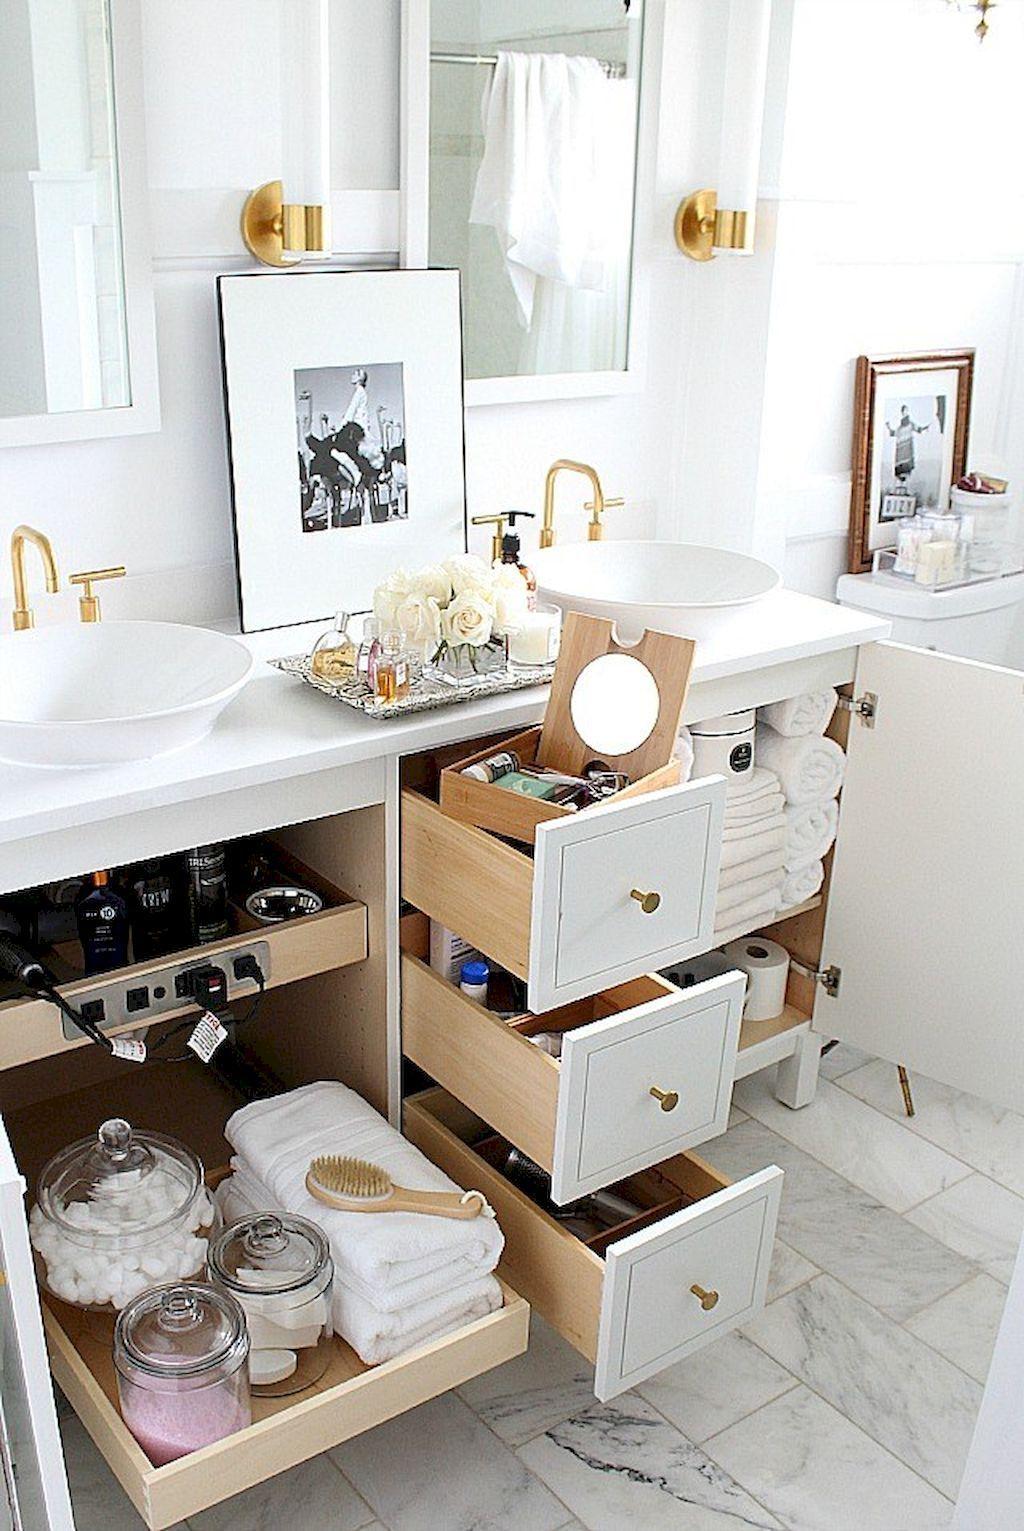 79 Functional Small Bathroom Organization Ideas | Bathroom ...